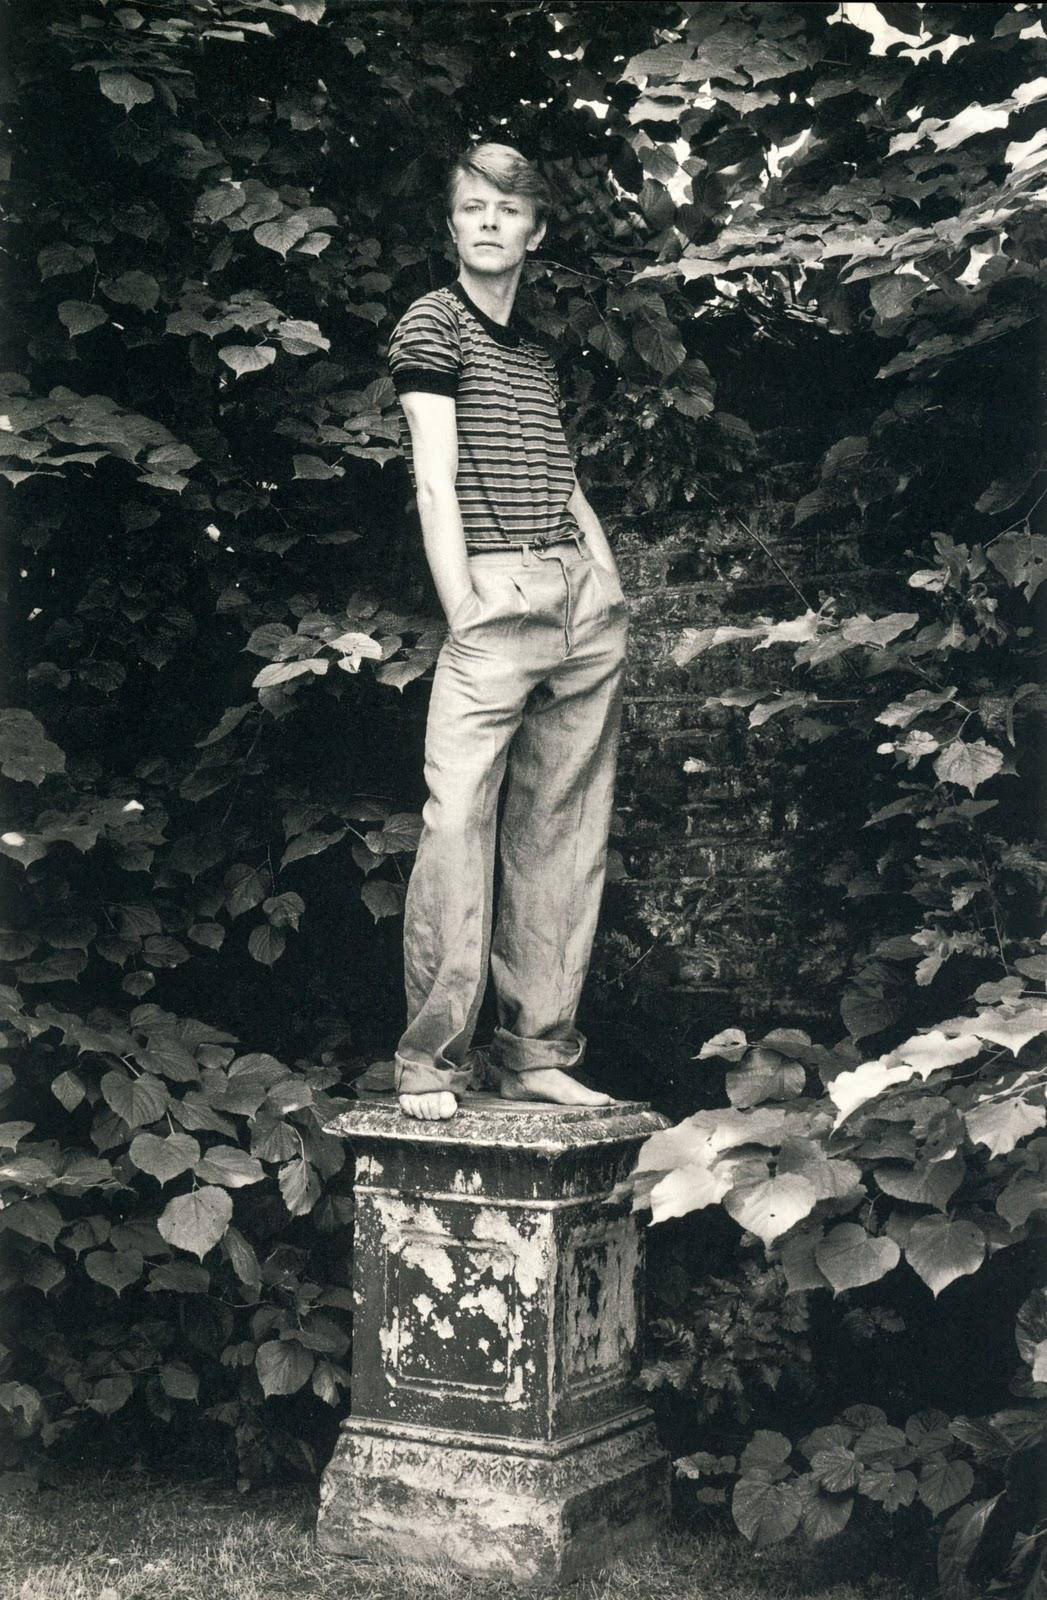 Felices 64, señor Bowie